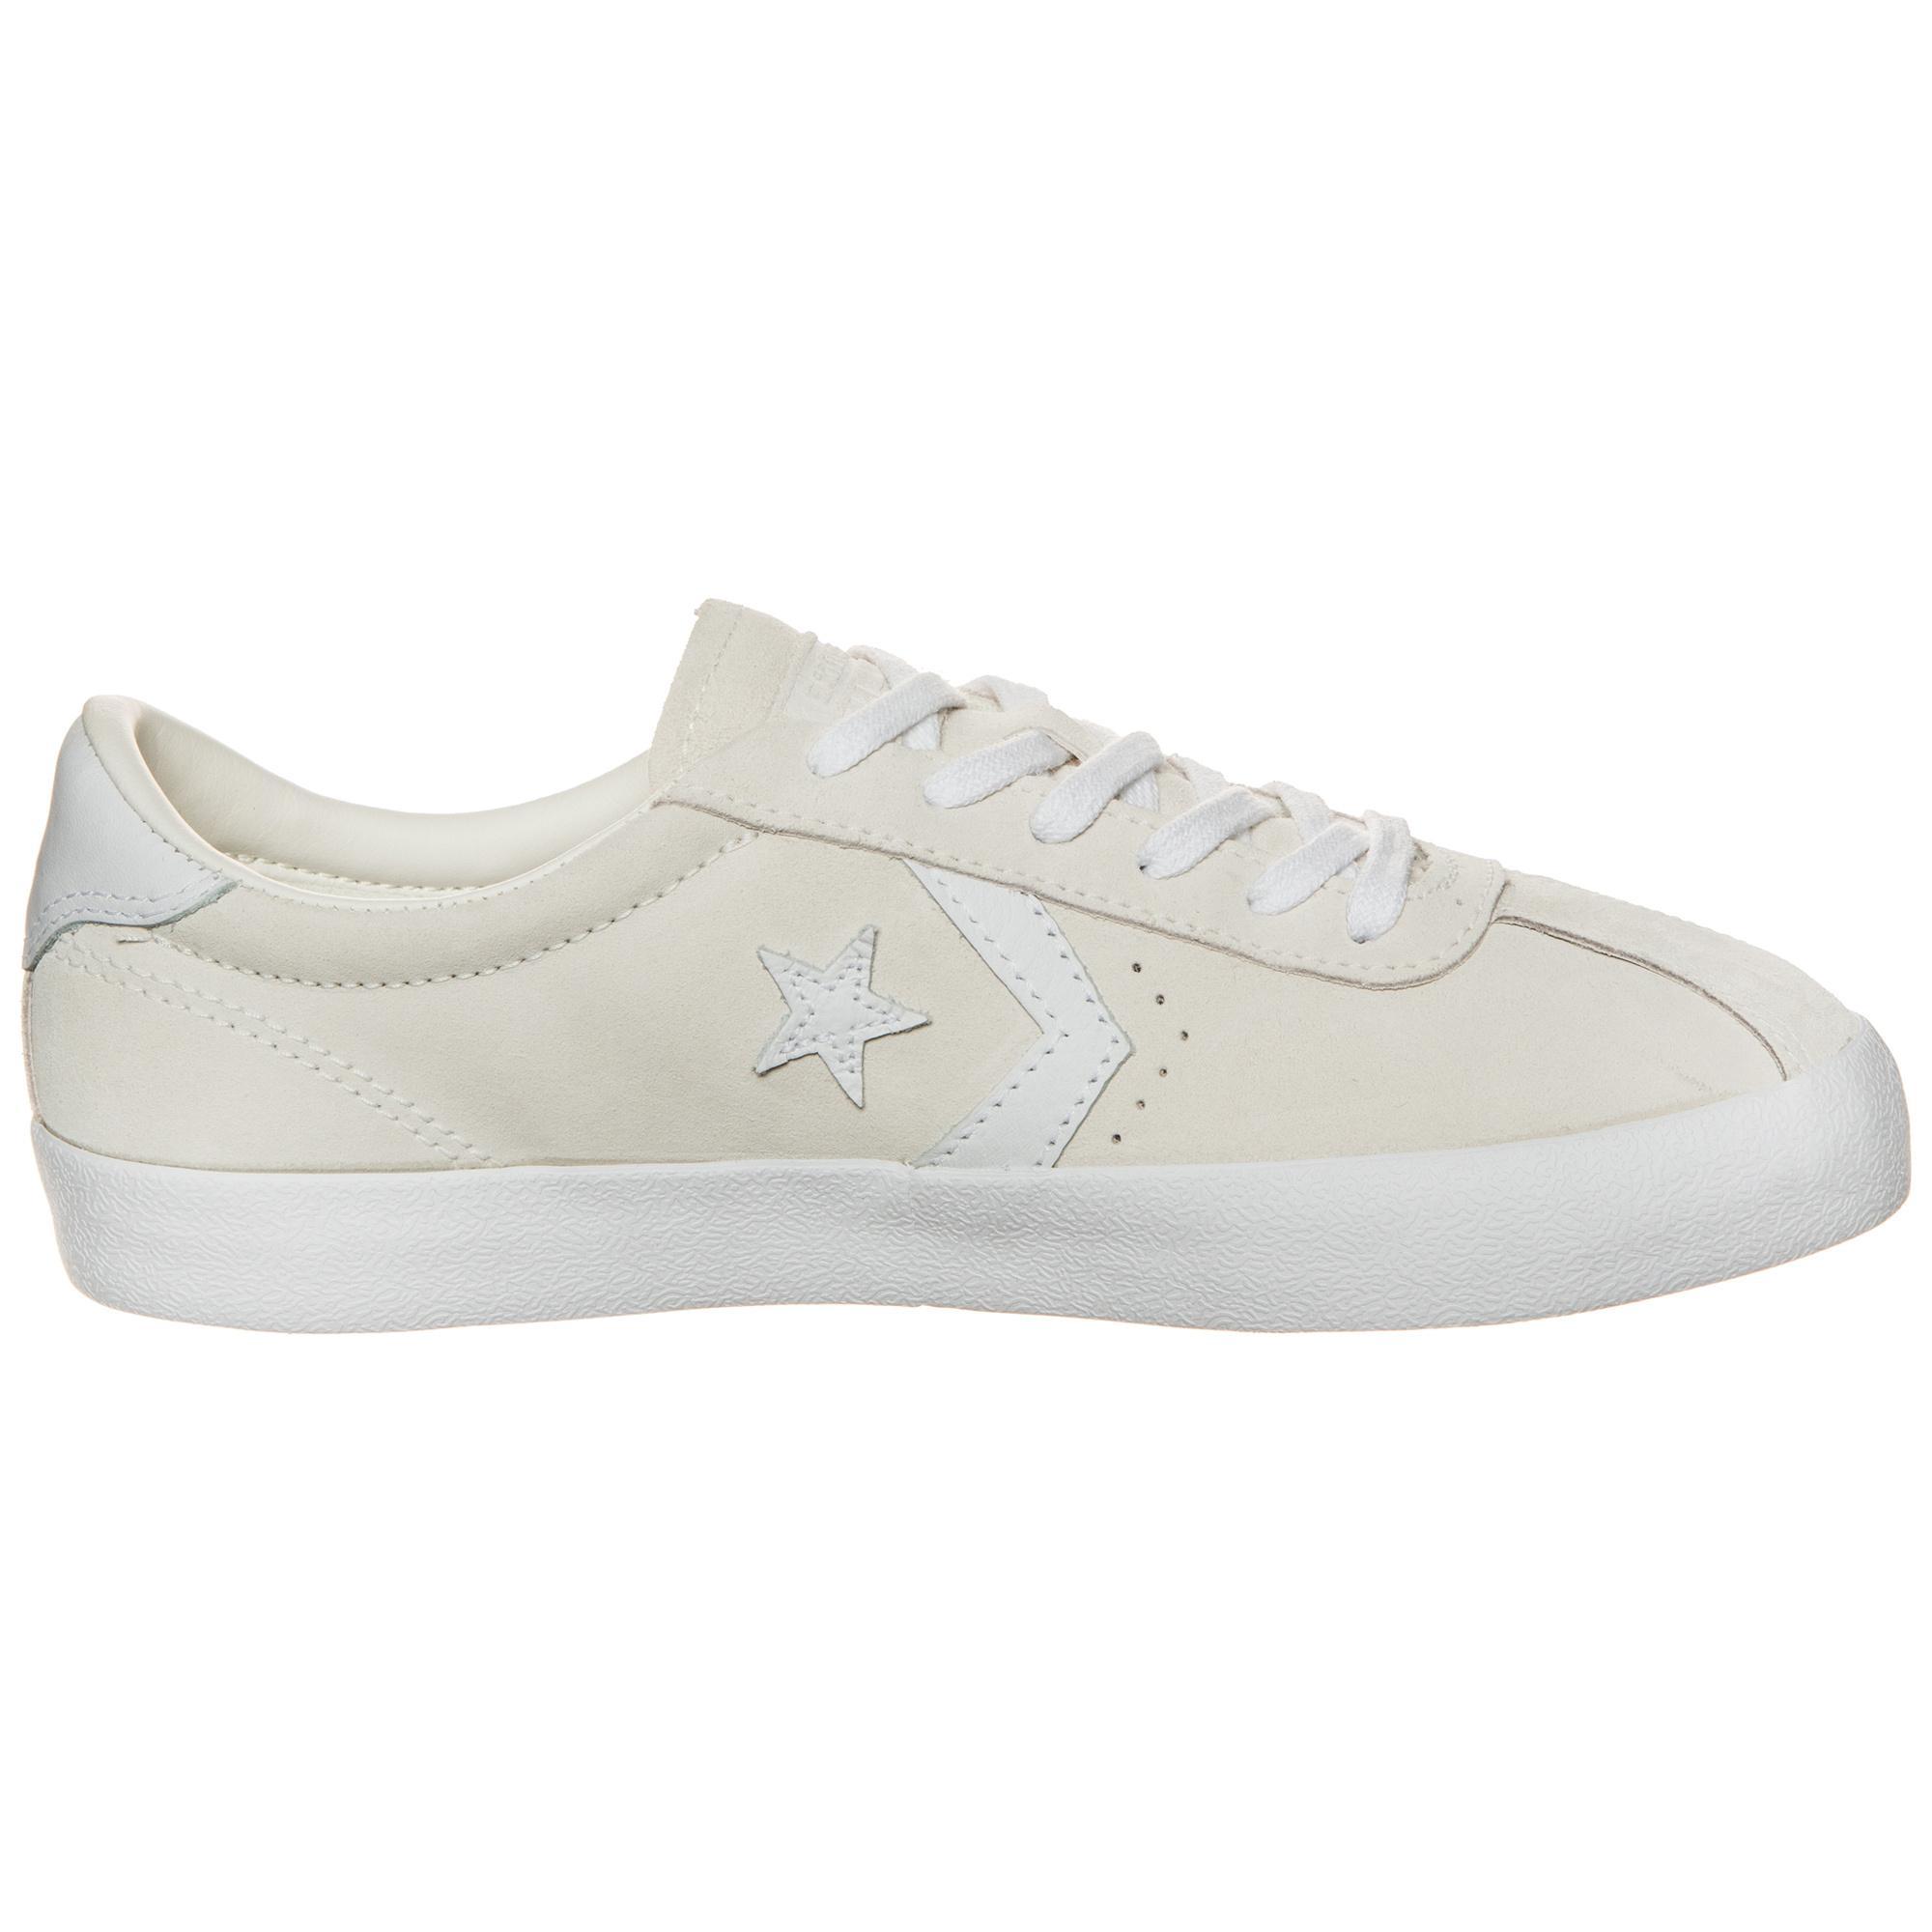 CONVERSE Cons Breakpoint Turnschuhe Damen beige   weiß weiß weiß im Online Shop von SportScheck kaufen Gute Qualität beliebte Schuhe 303ccf